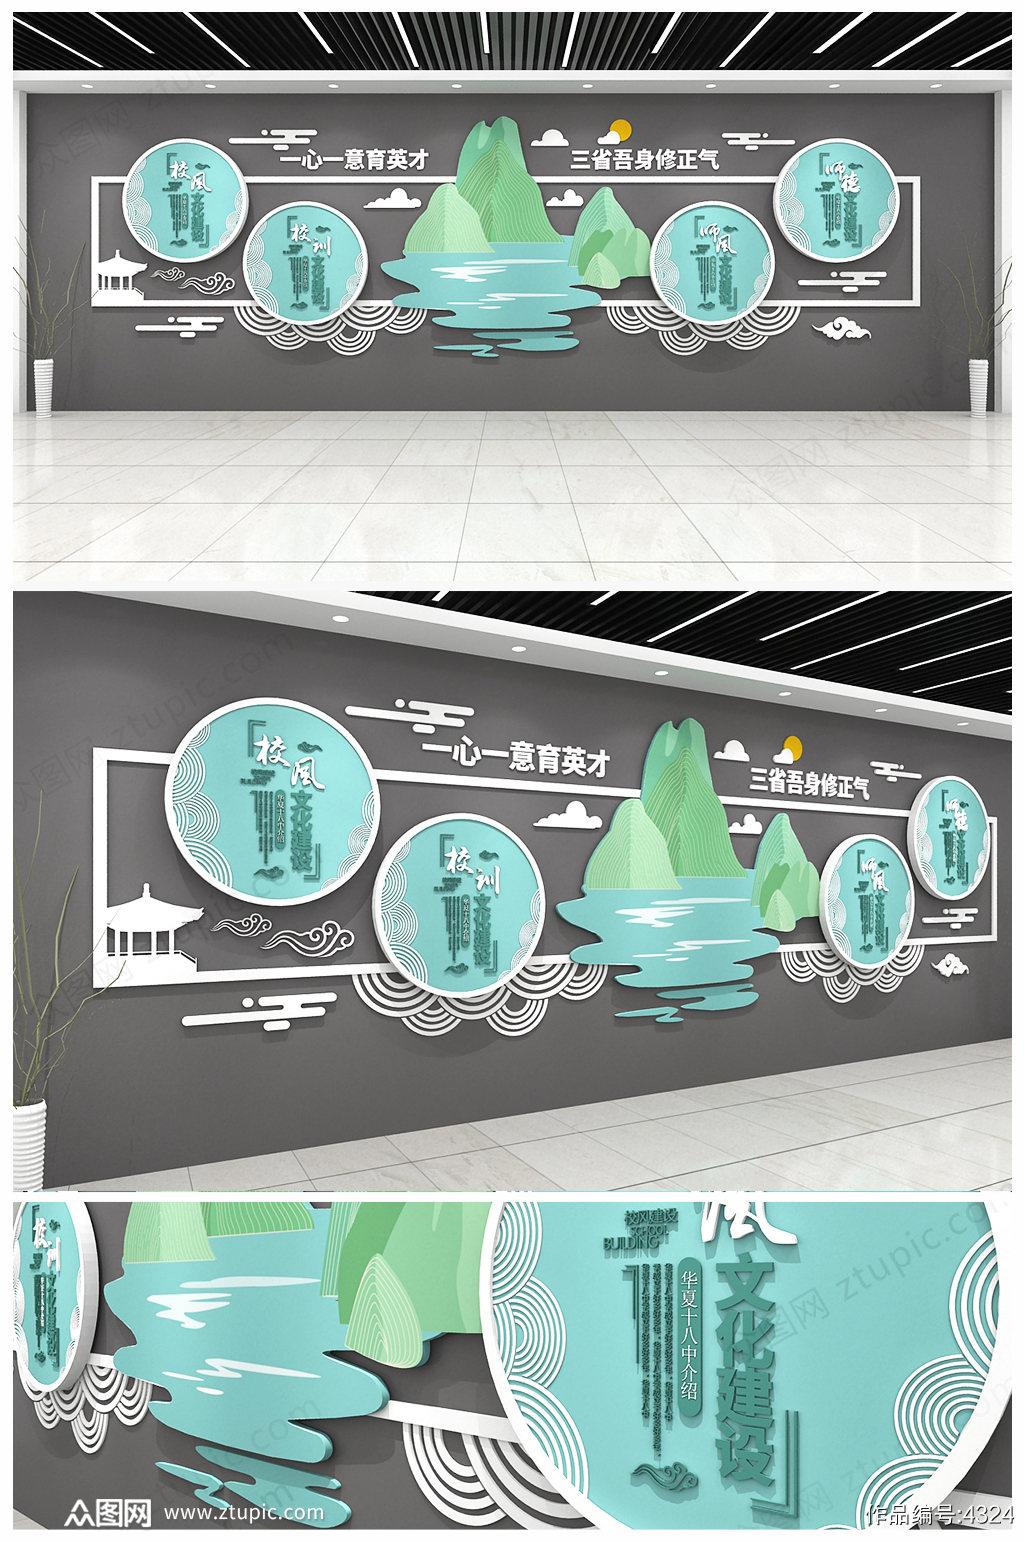 原创中国风三训一风校训校风学风教风图书室教室校园文化墙素材